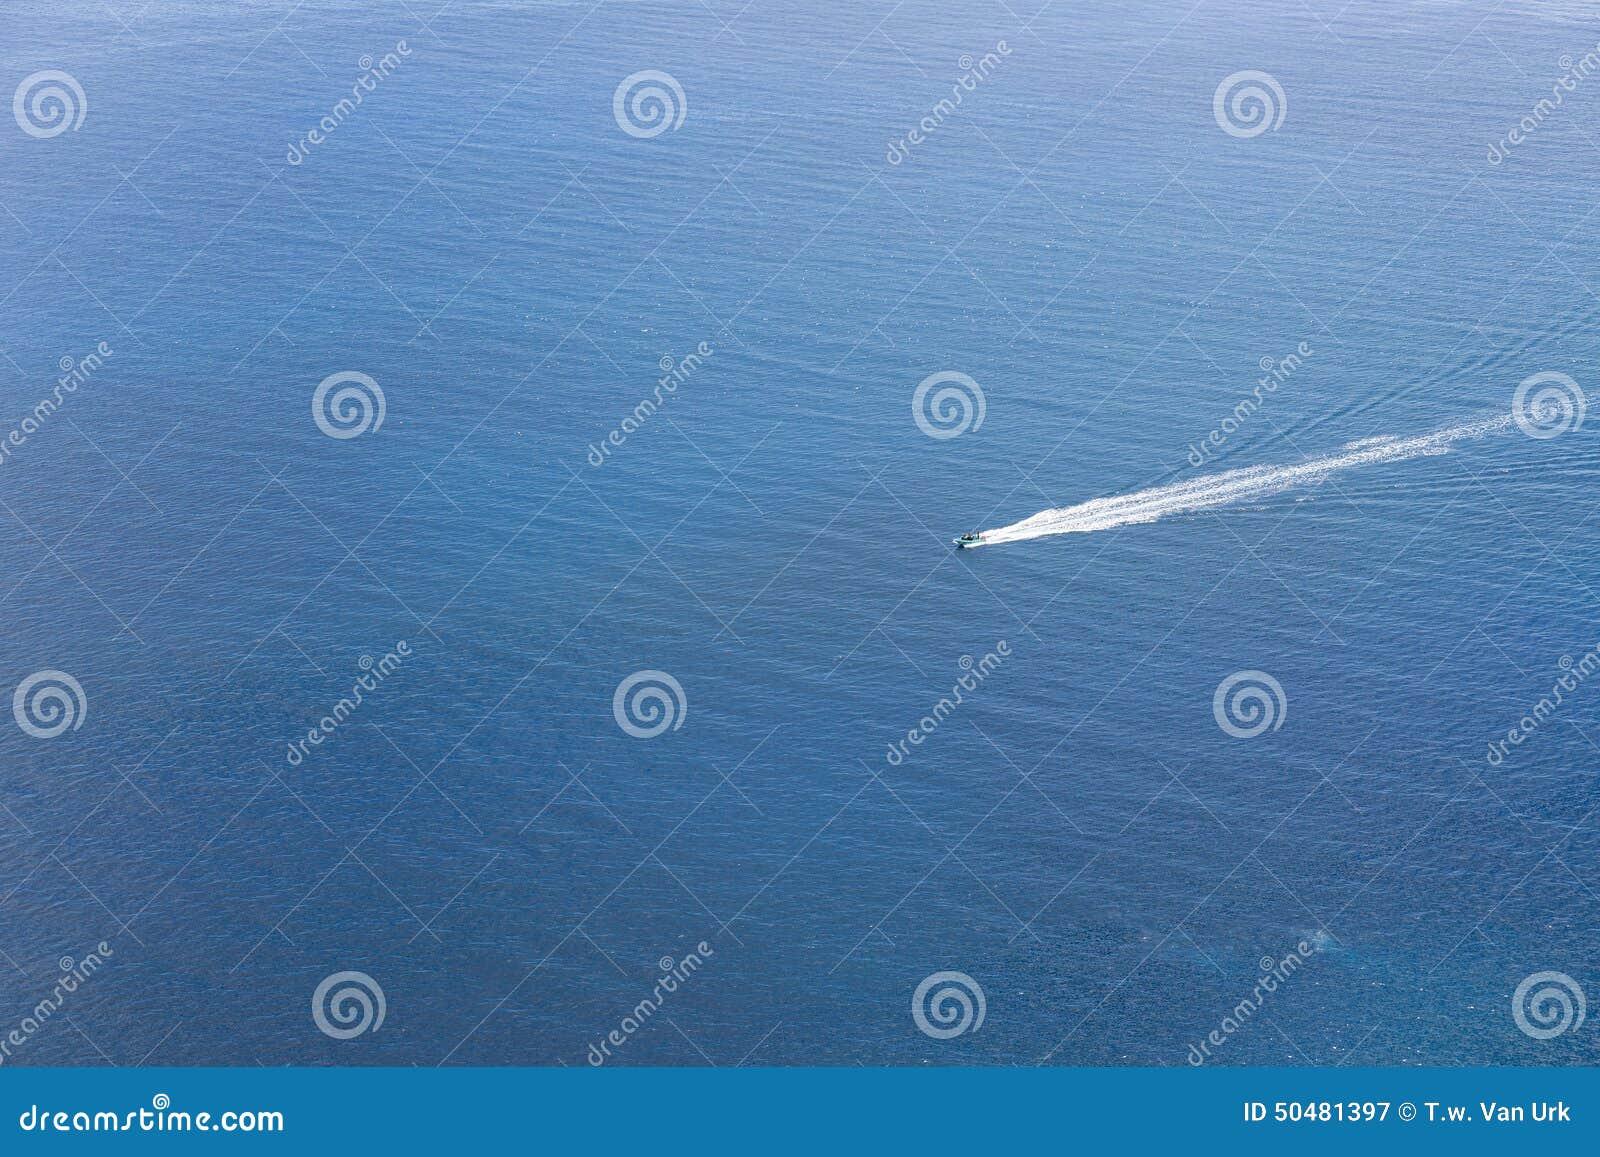 Luchtmening van een klein schip die bij een blauwe oceaan navigeren